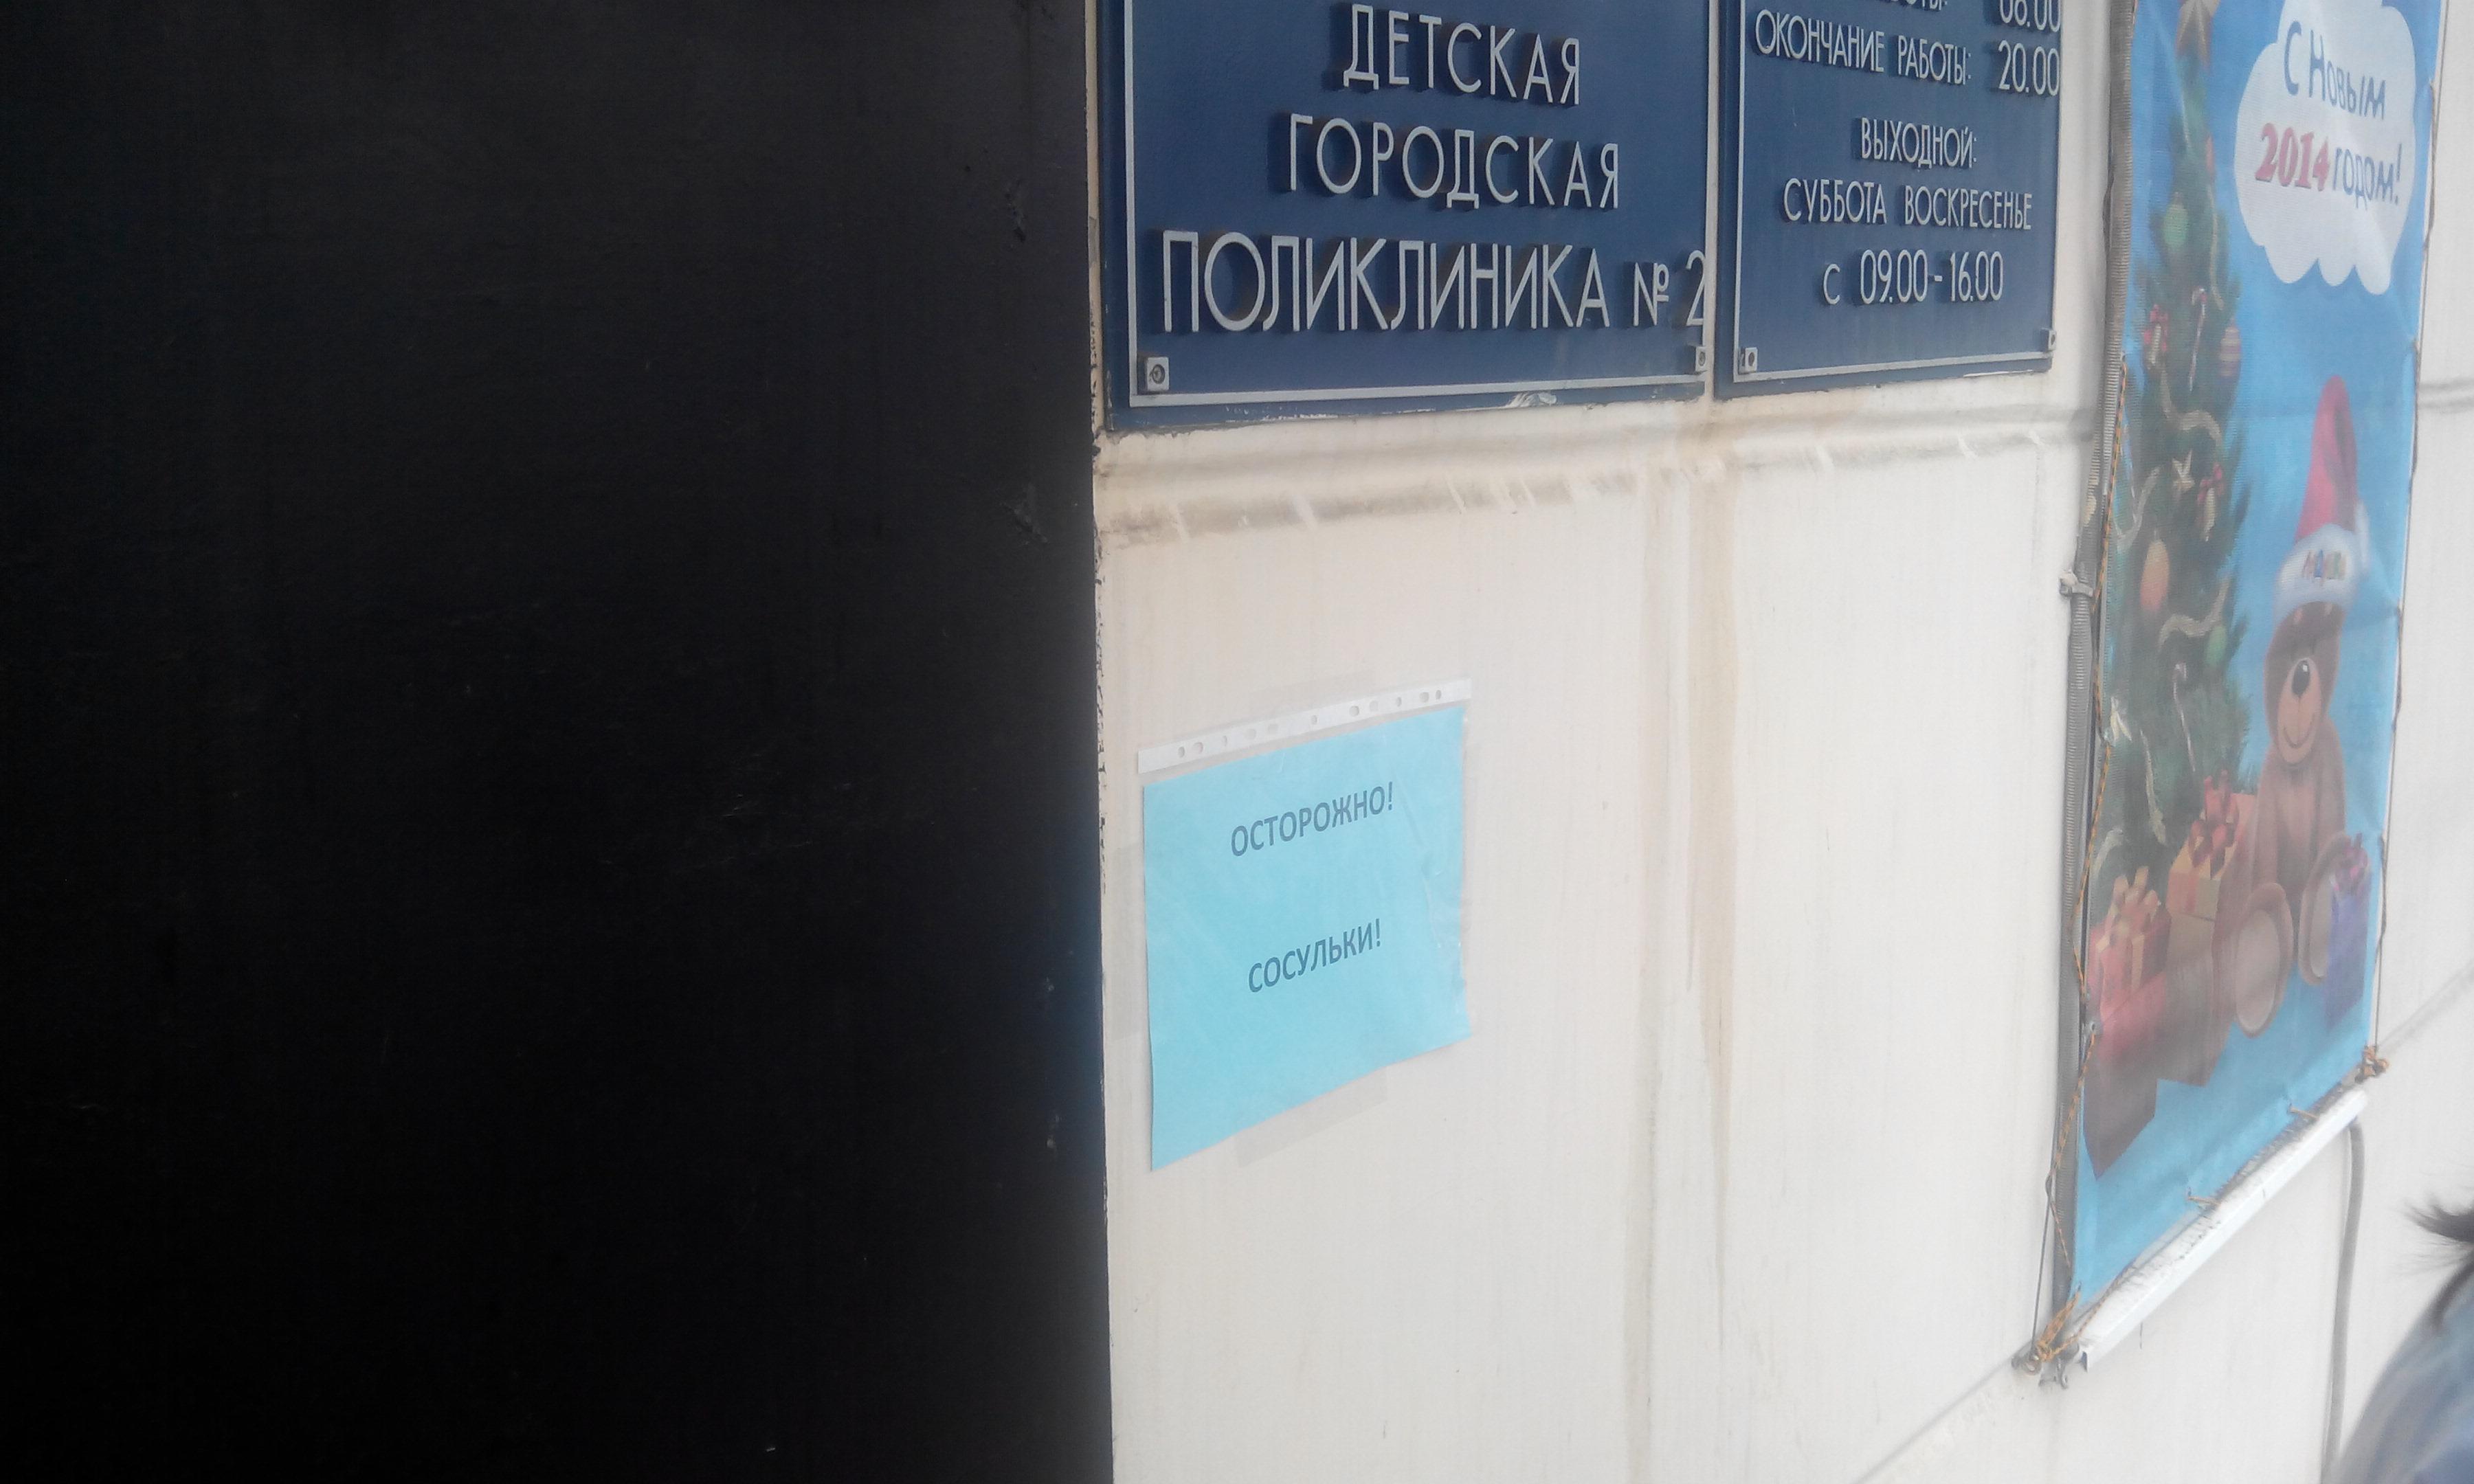 Панацея медицинский центр челябинск бр.кашириных